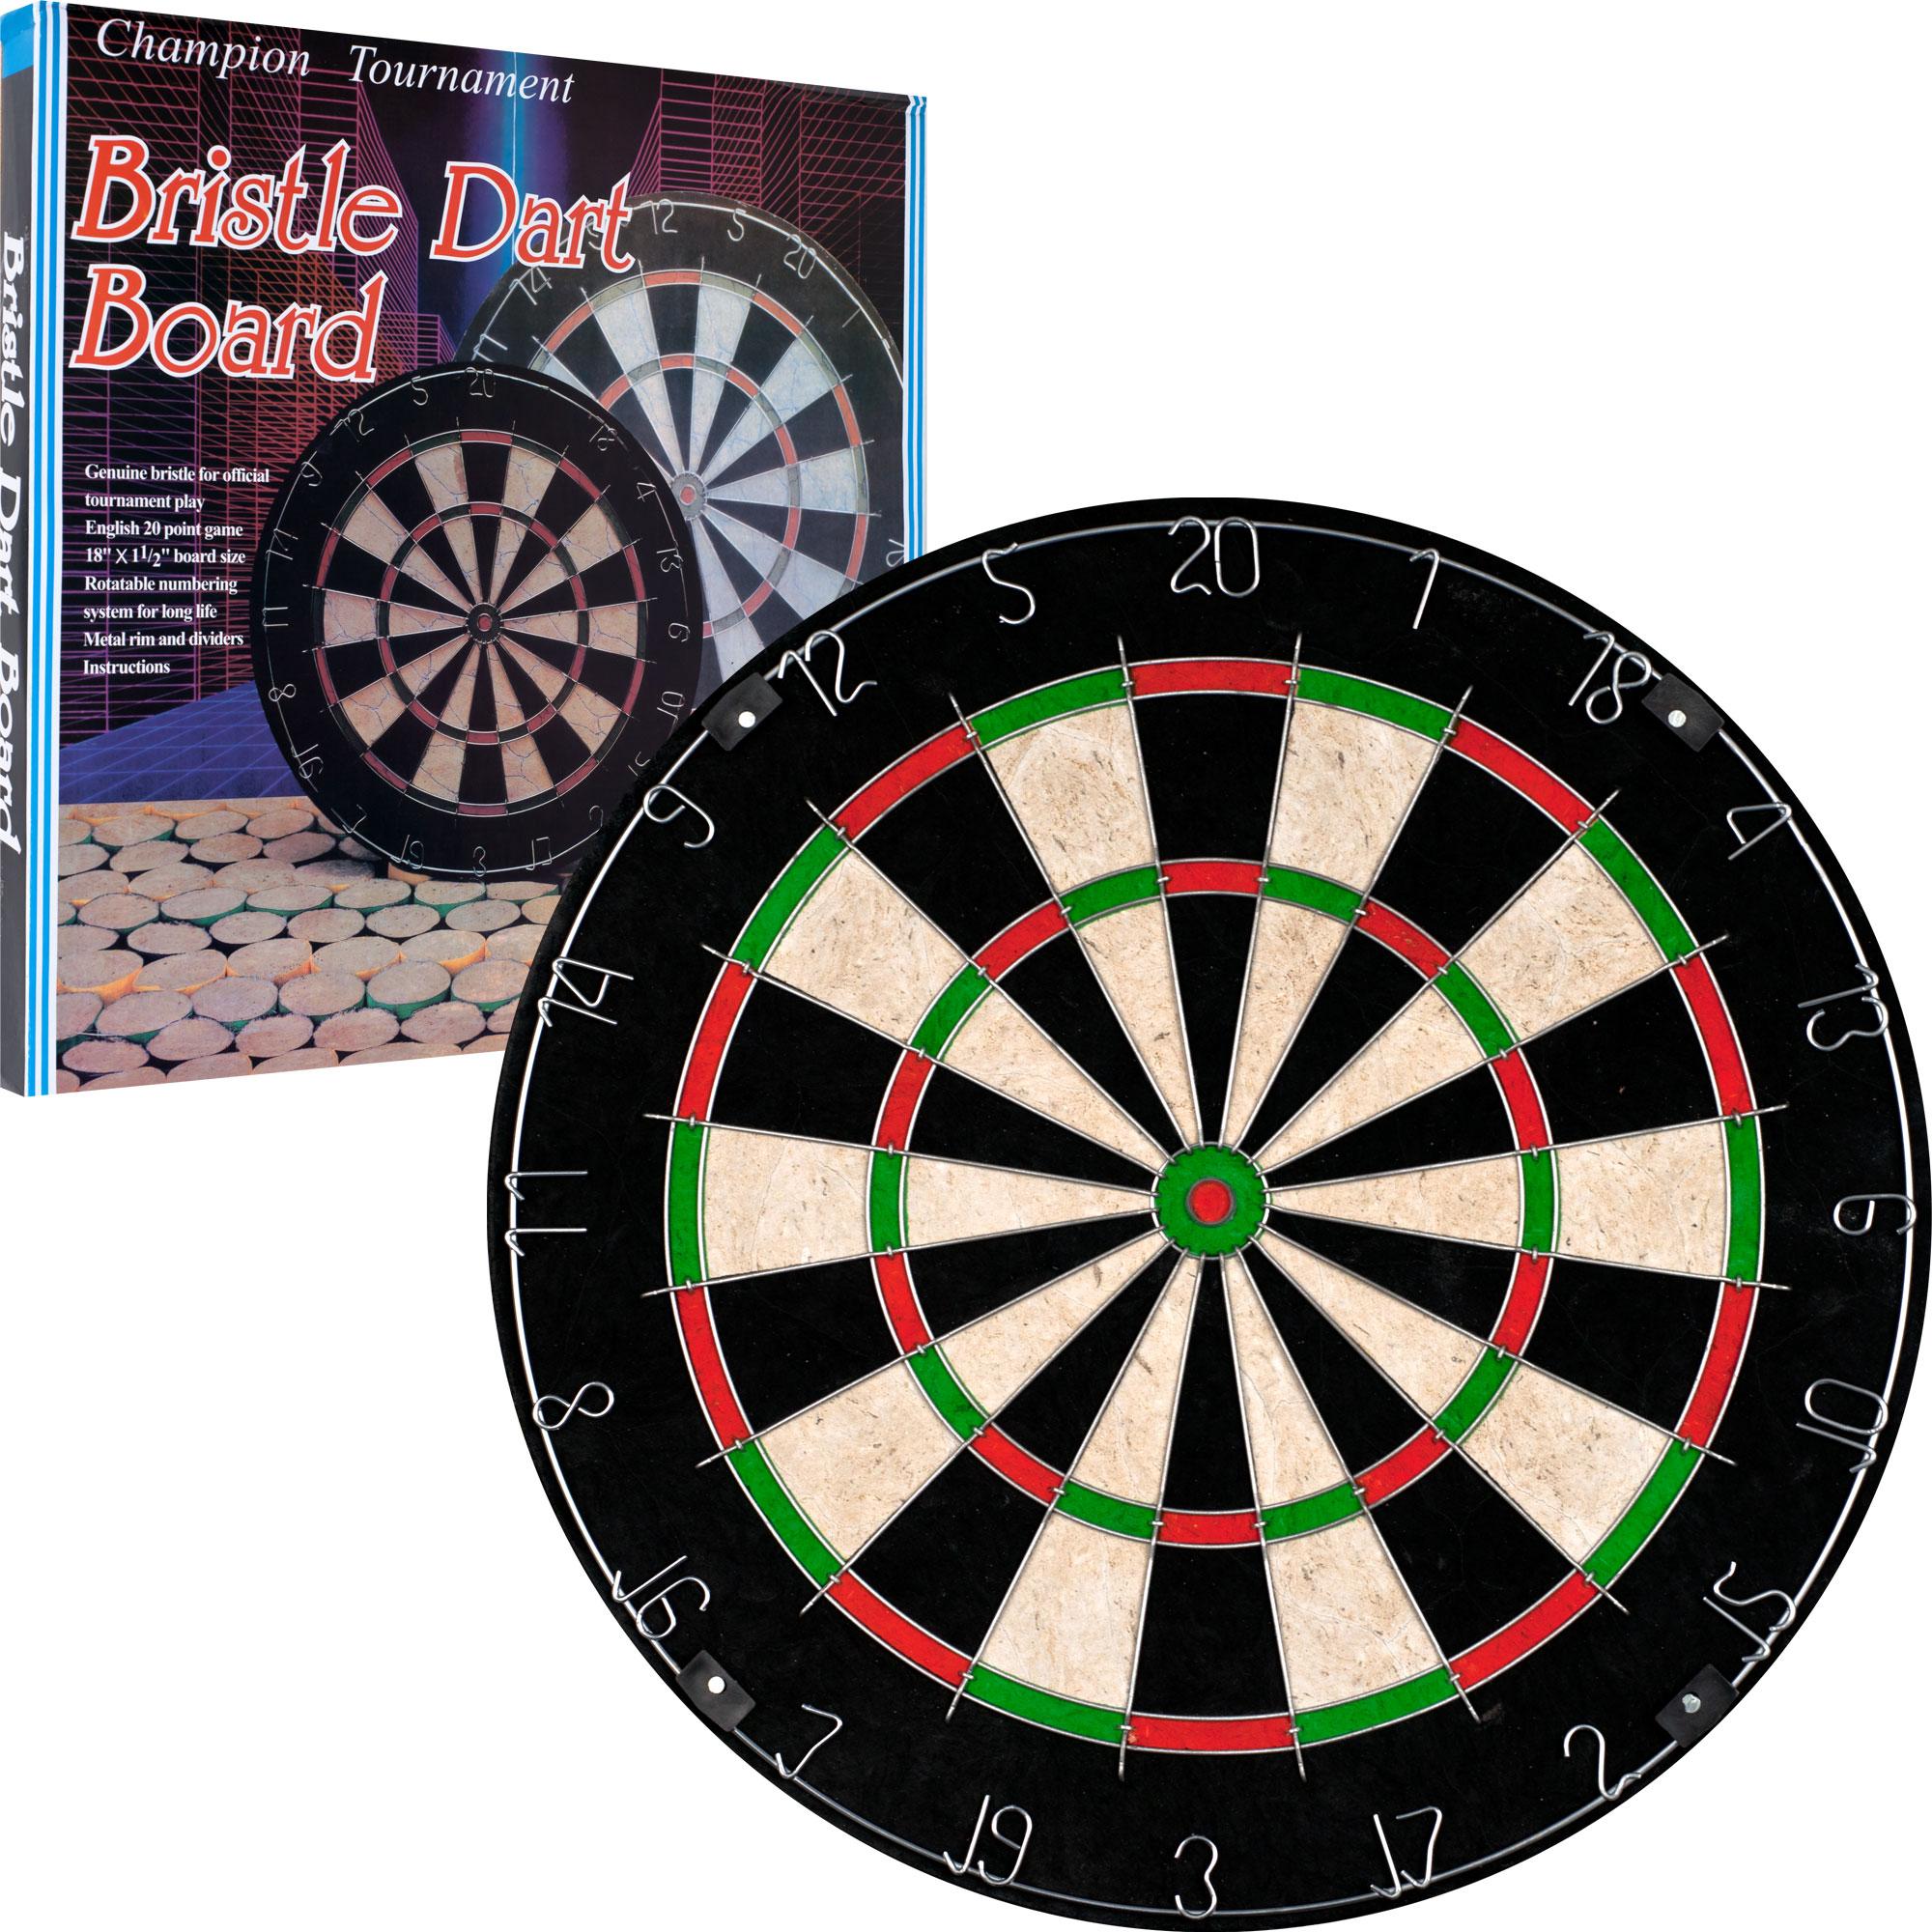 Trademark Games Champion Tournament Bristle Dartboard